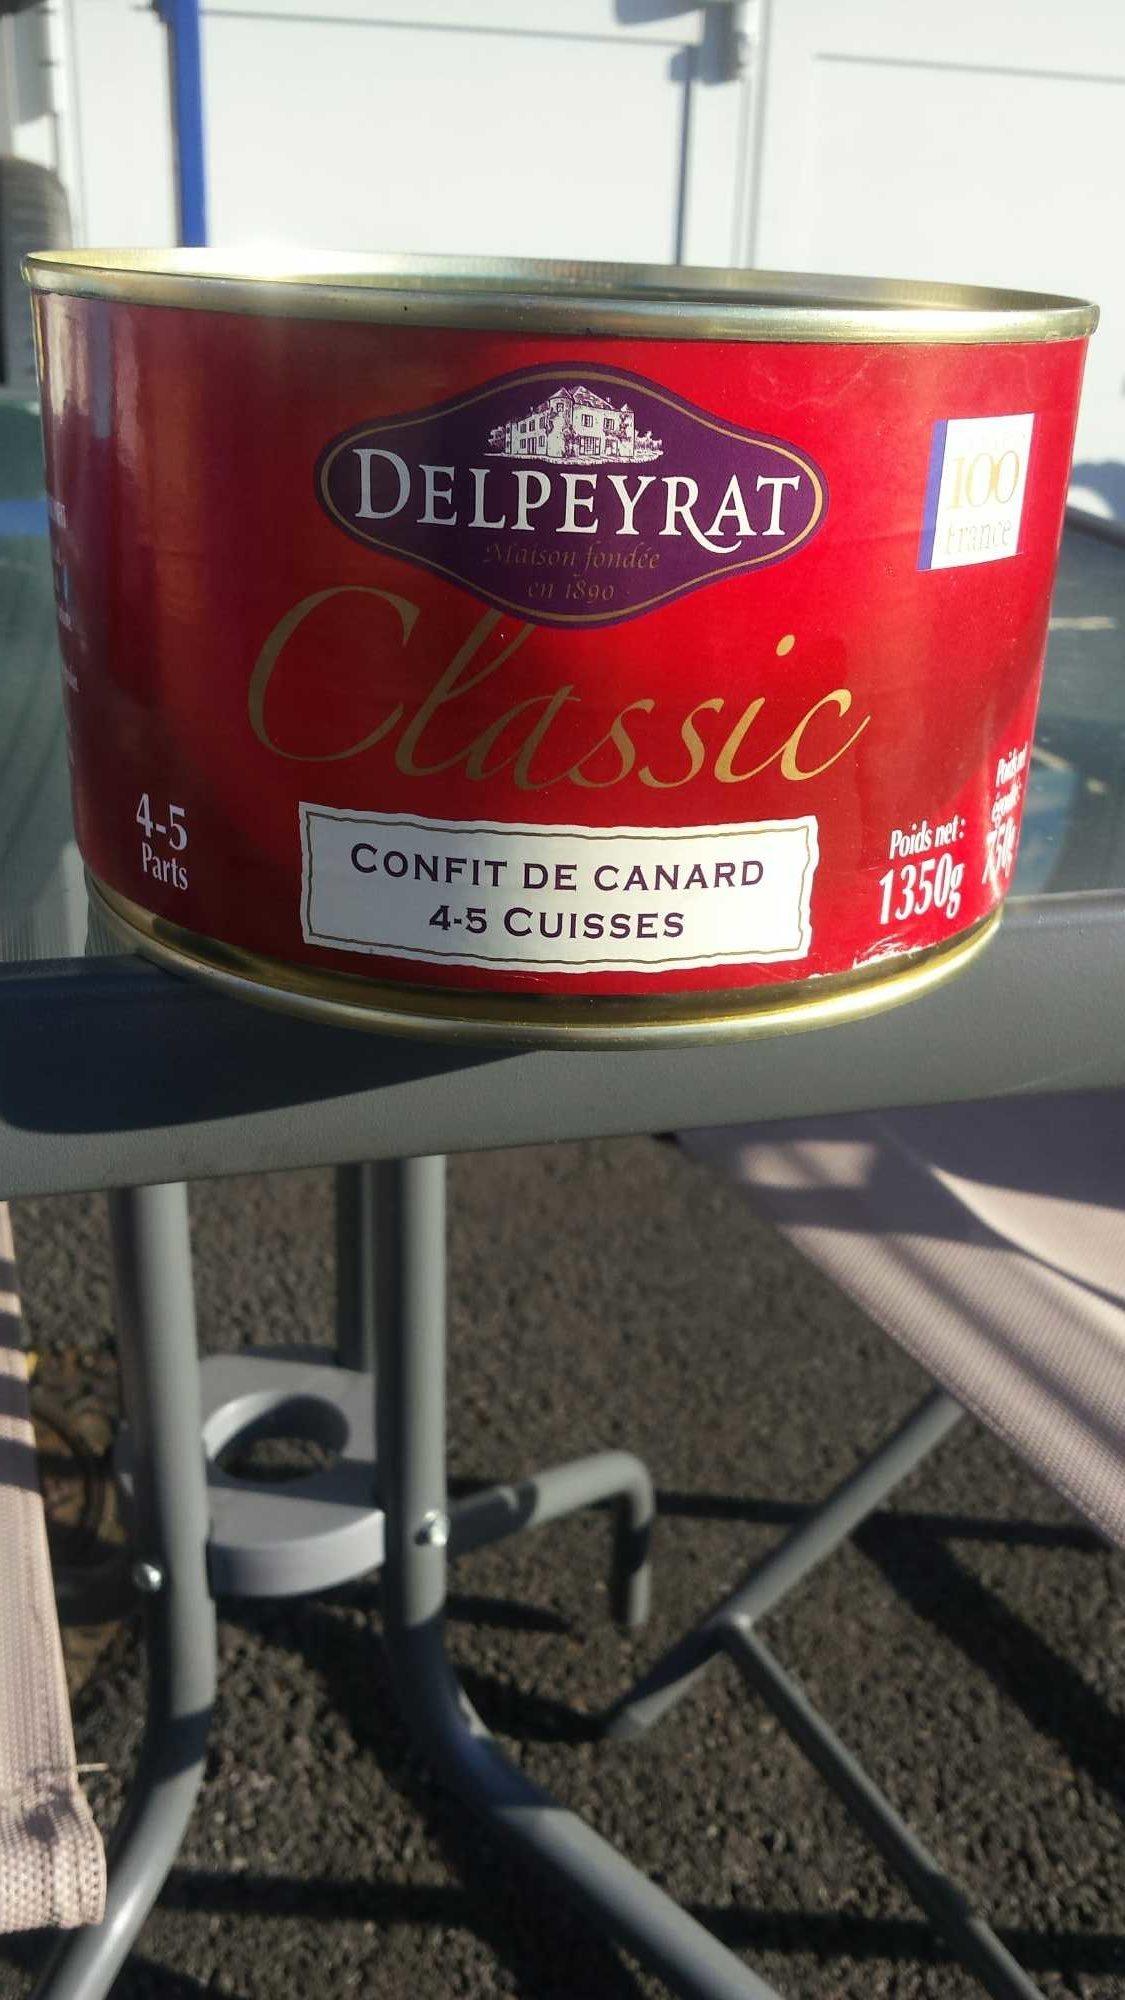 Confit de canard delpeyrat - Produit